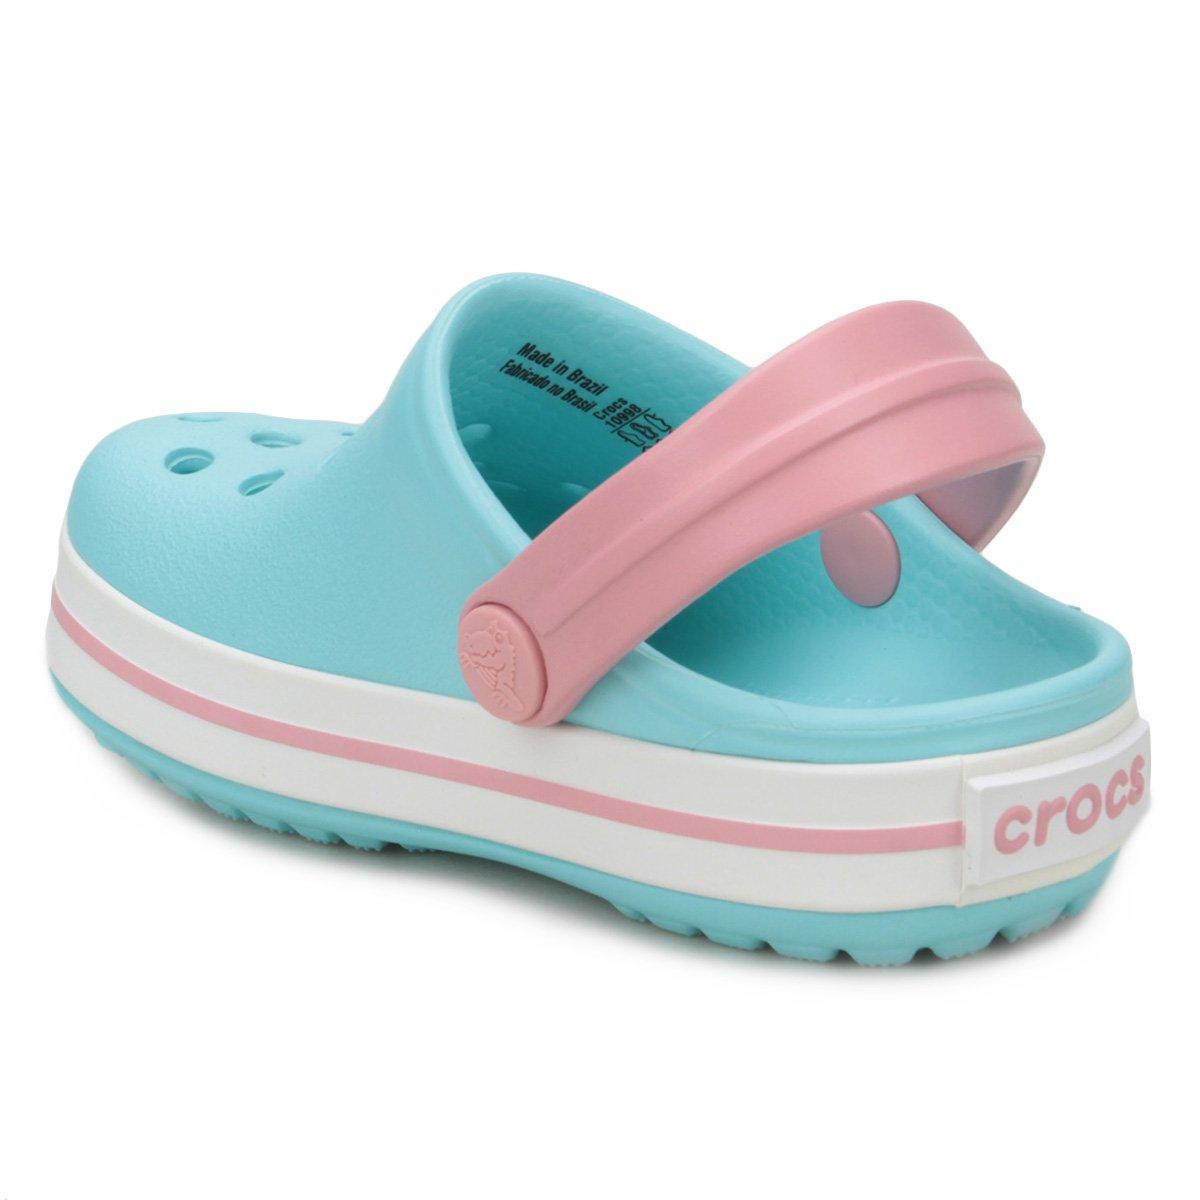 e5e9b9f5069 Sandália Crocs Infantil Crocband - Azul e Branco - Compre Agora ...